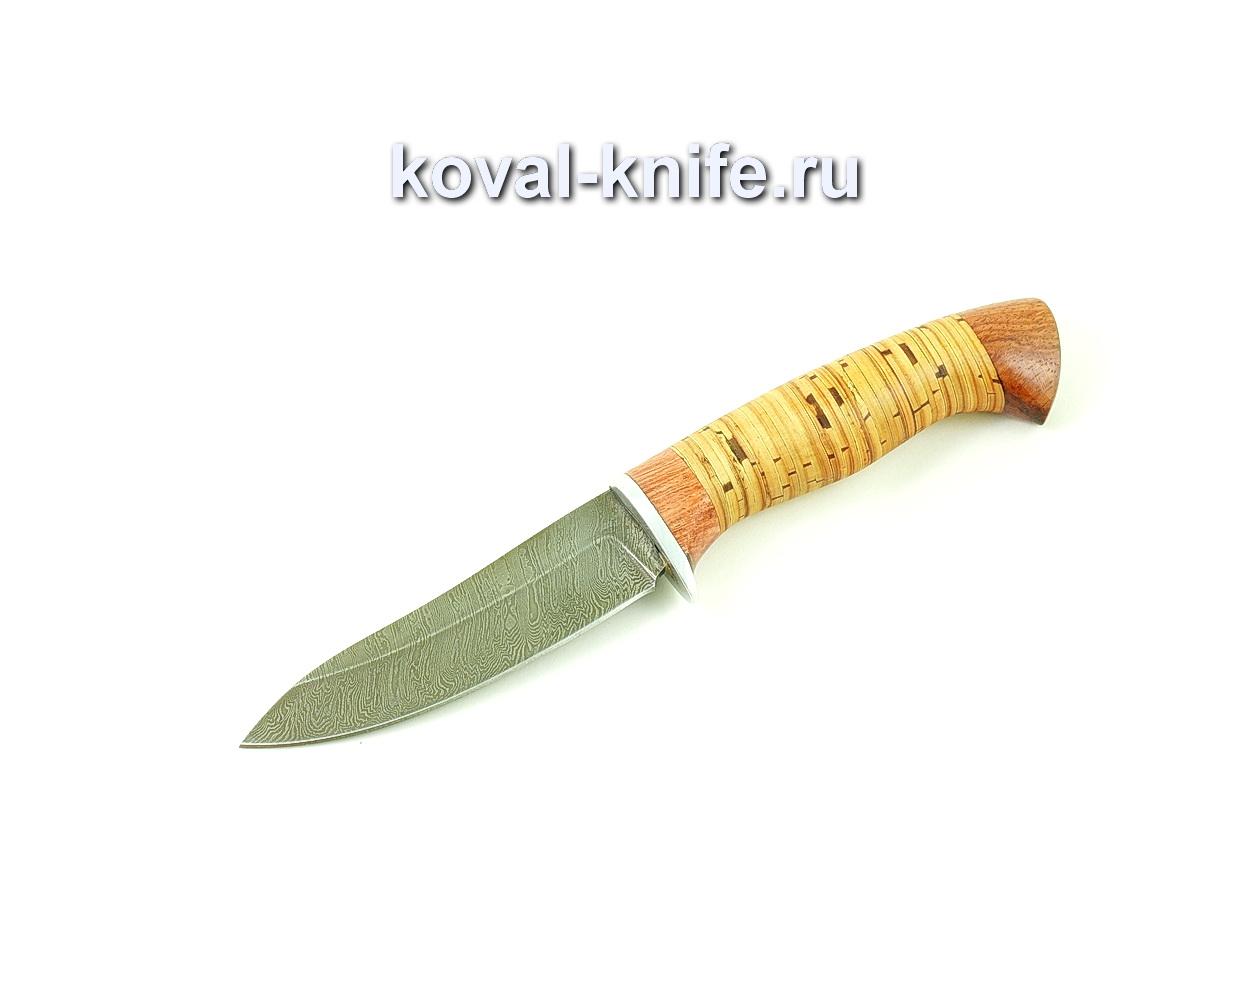 Нож из дамасской стали Лань (рукоять береста и бубинга) A495